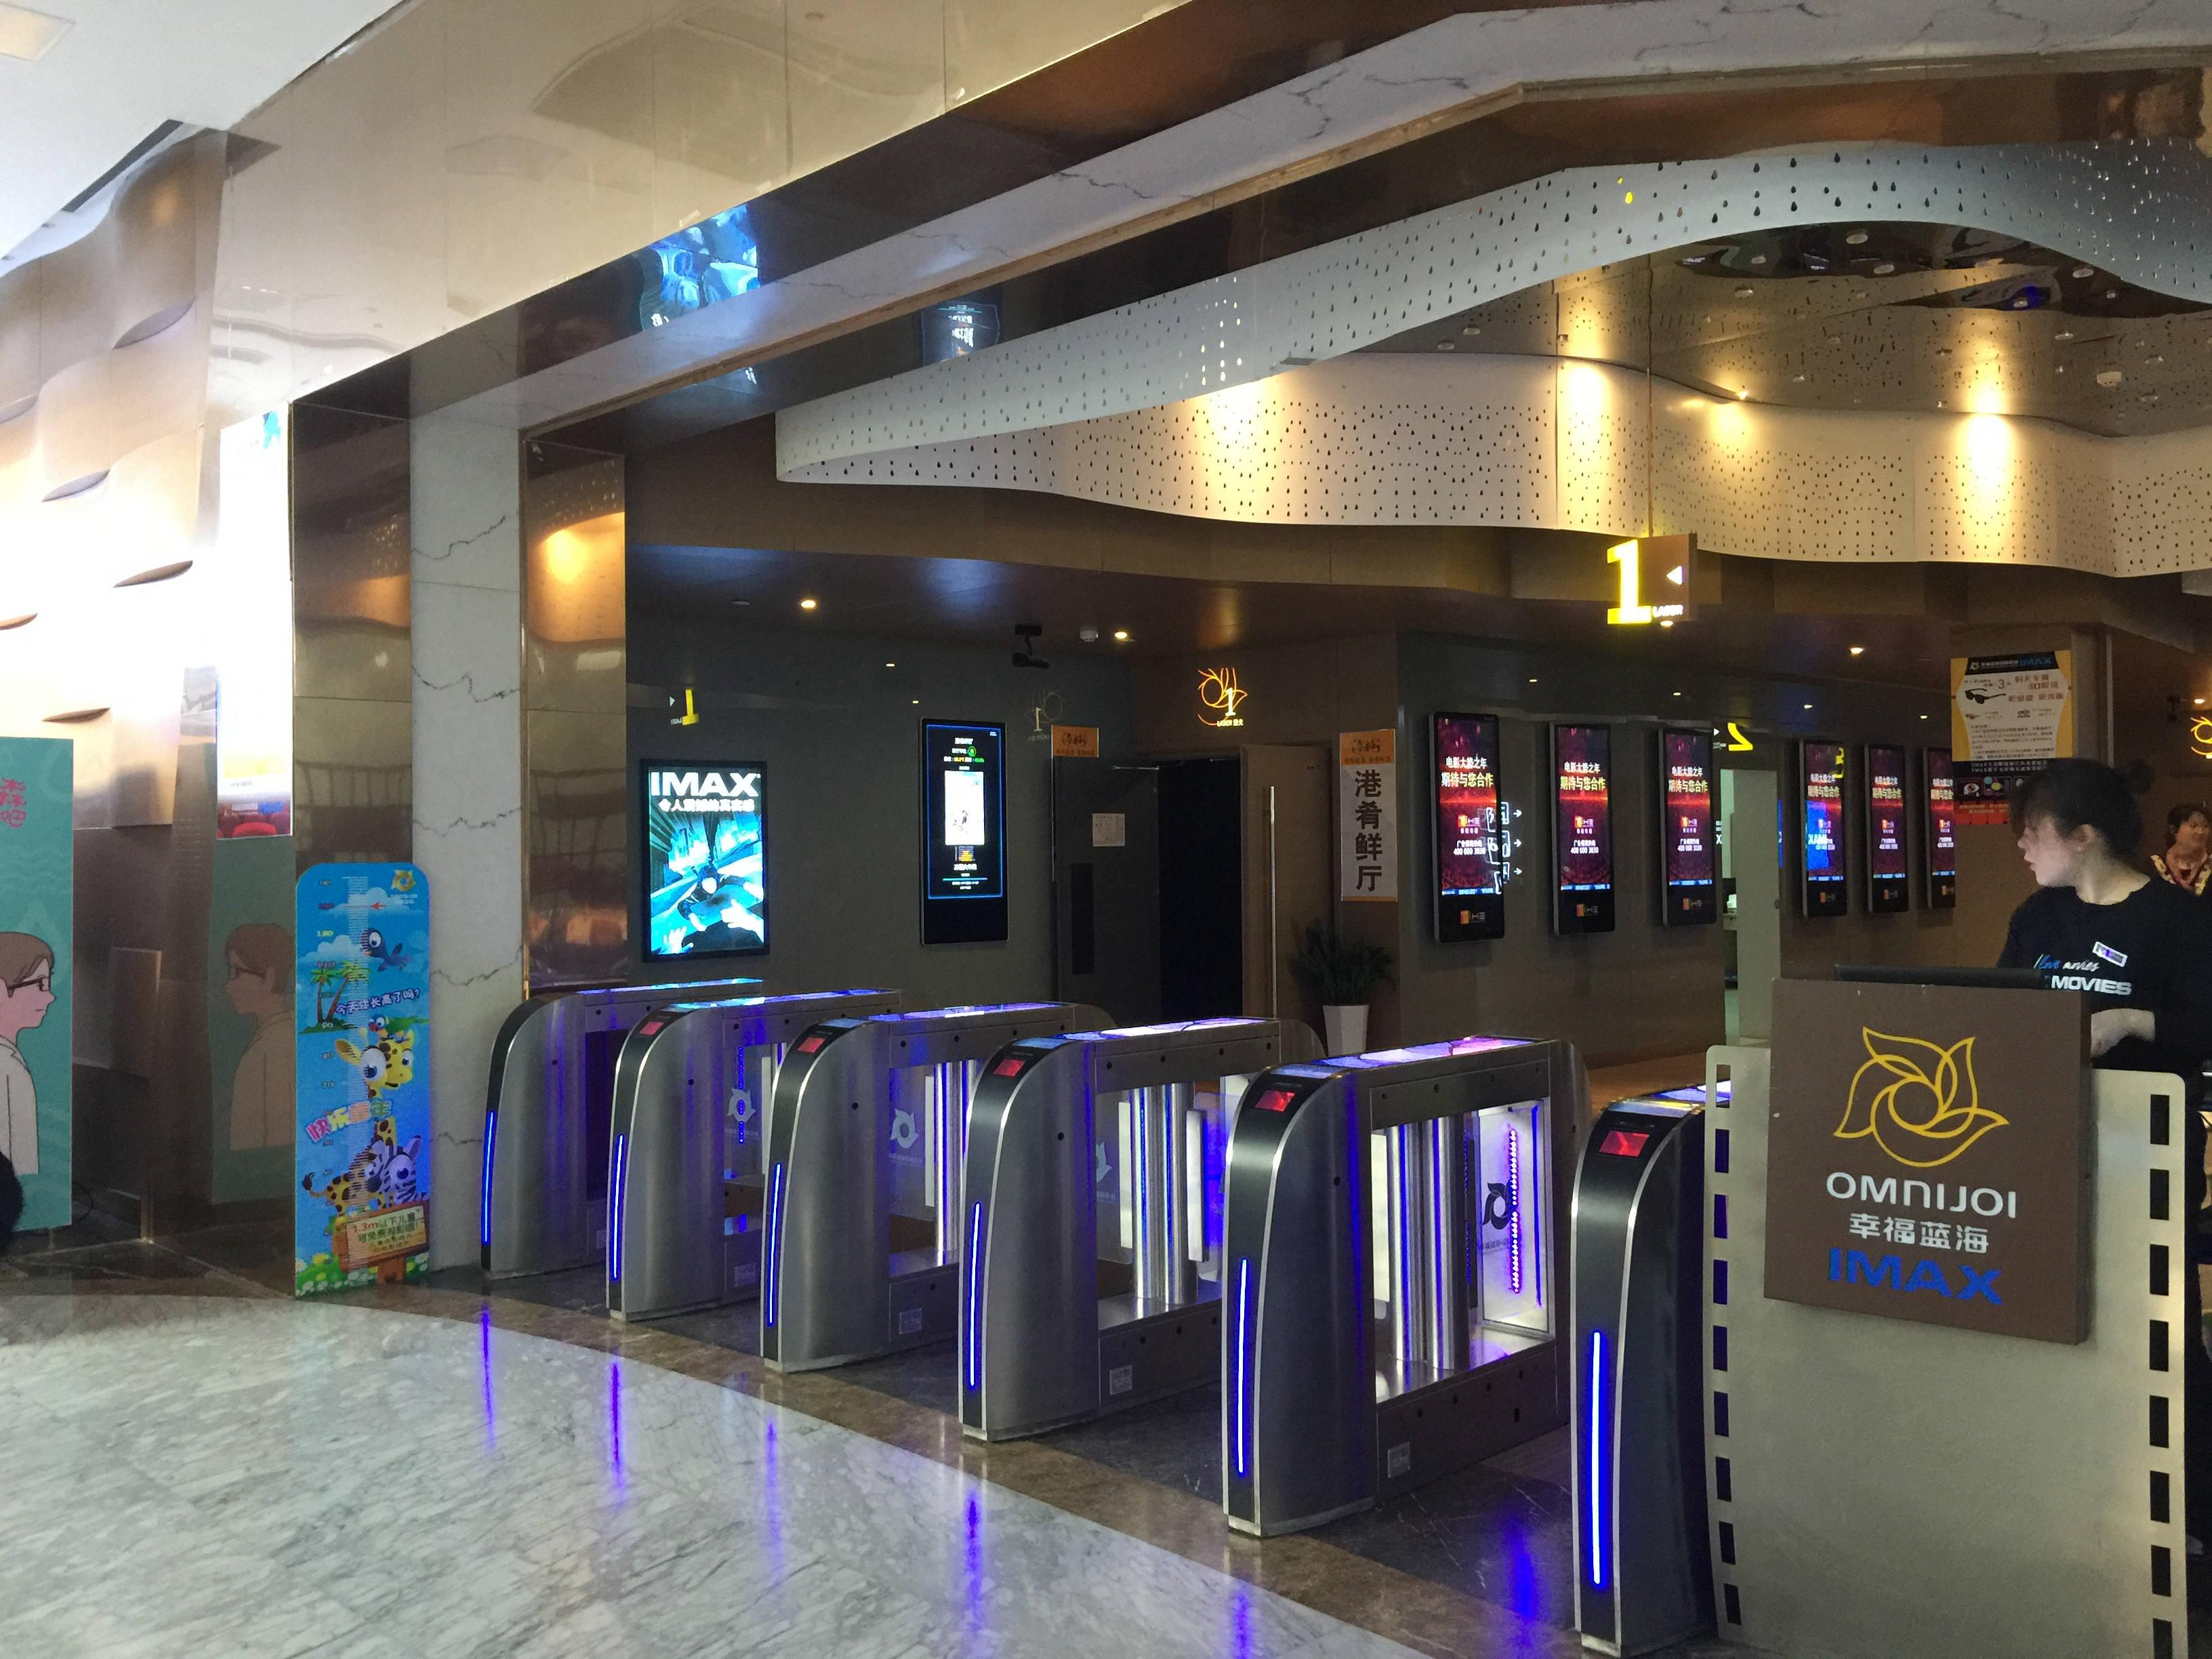 泰久信息与幸福蓝海发展公司成立控股子公司 瞄准电影全产业链市场